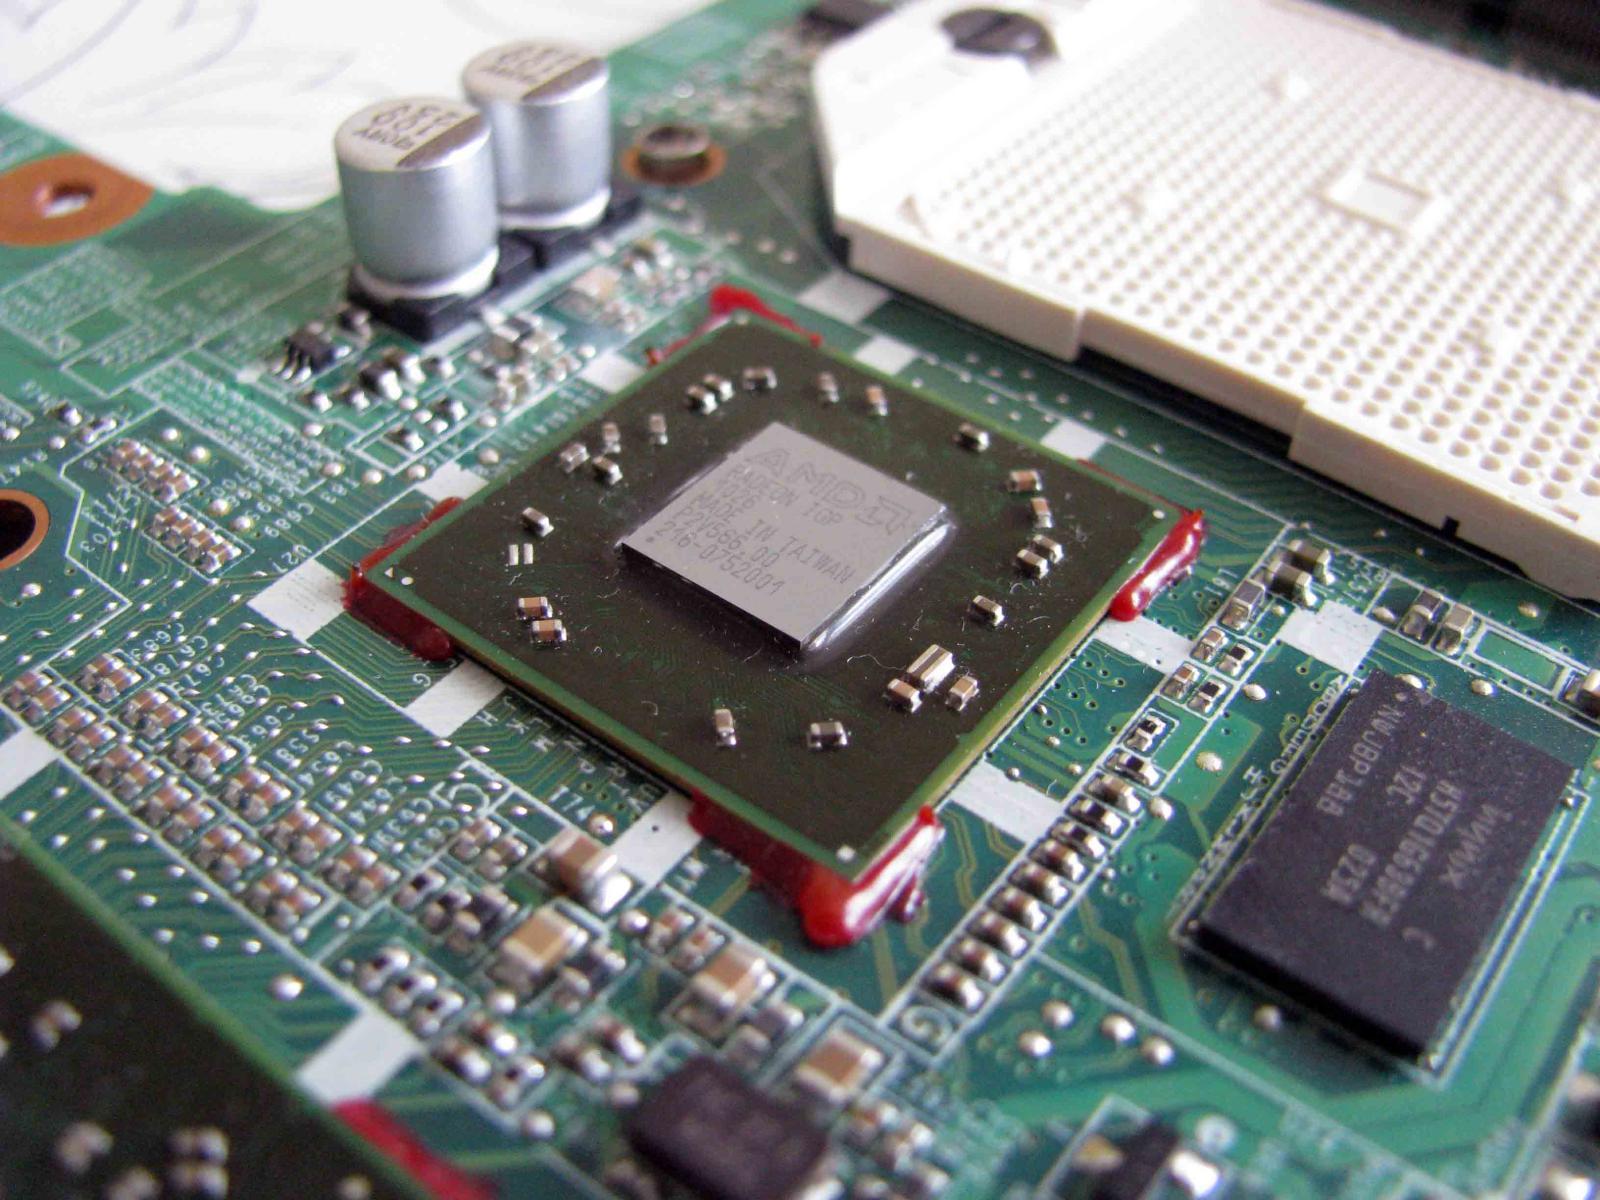 На фото изображен процессор ноутбука